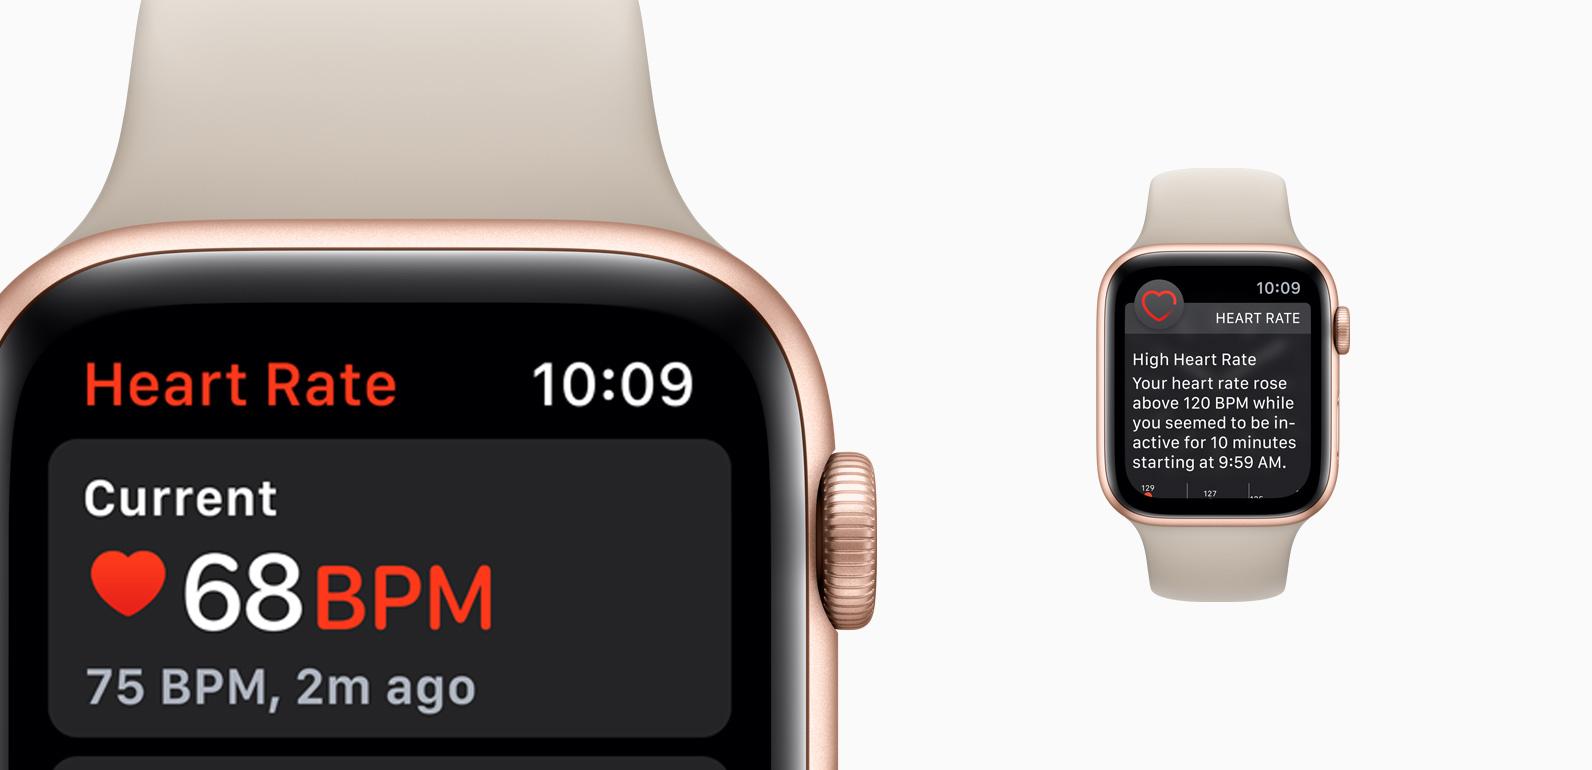 跟著蘋果庫克走,仁寶吞 Apple Watch 4 單加速進軍醫療,拚出兆元帝國